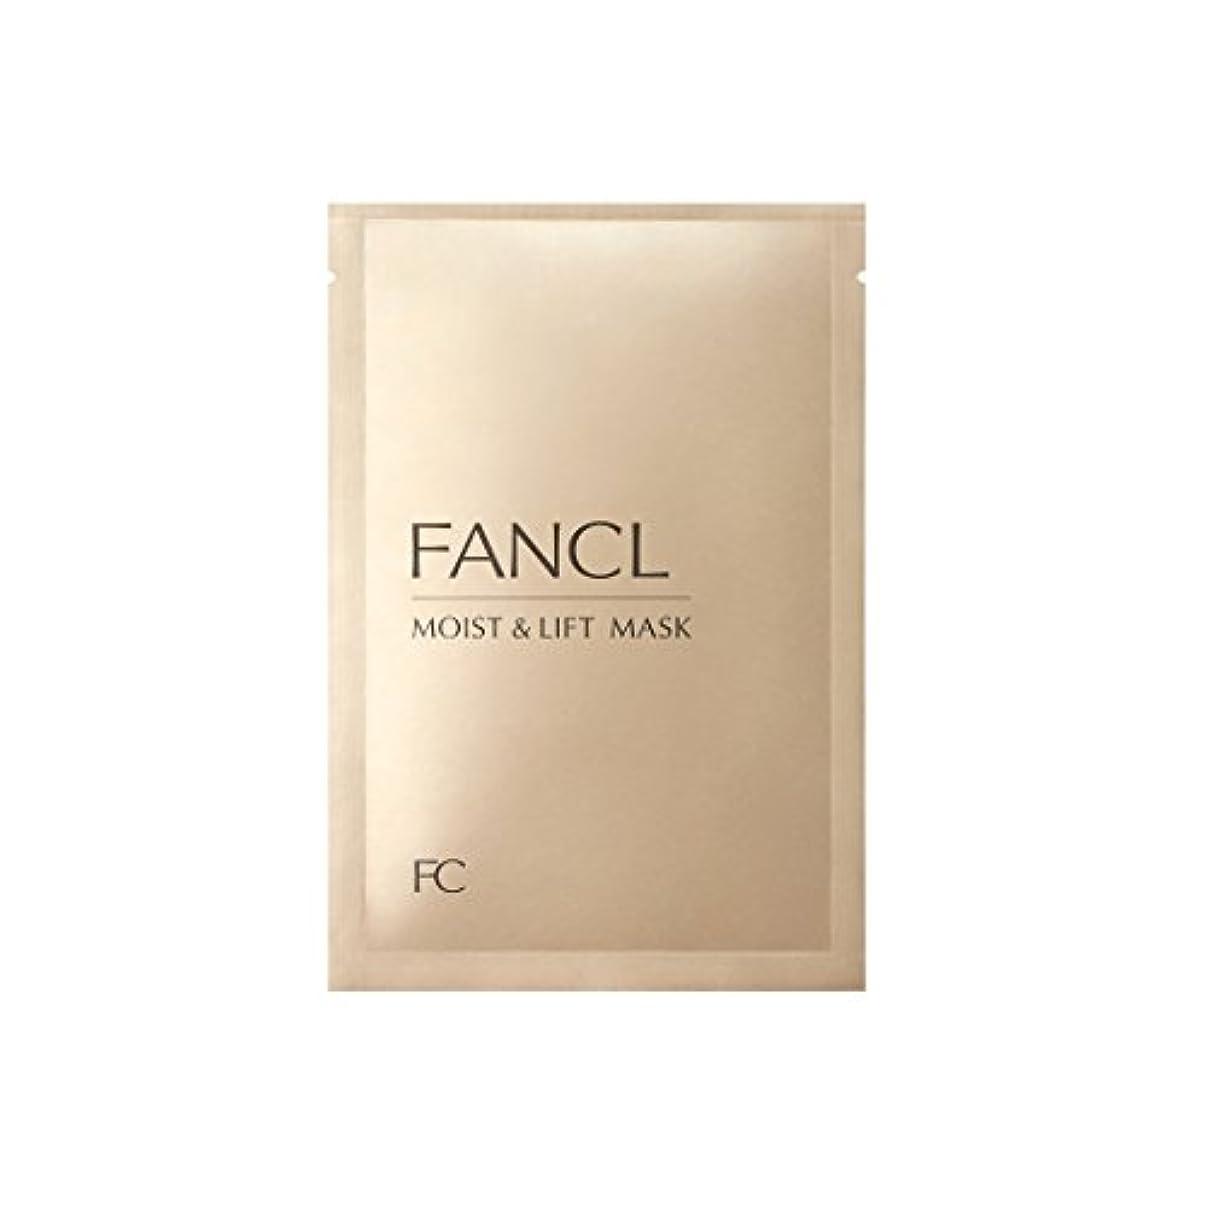 抗生物質床アサーファンケル (FANCL) モイスト&リフトマスク M&L マスク 6枚セット (28mL×6)